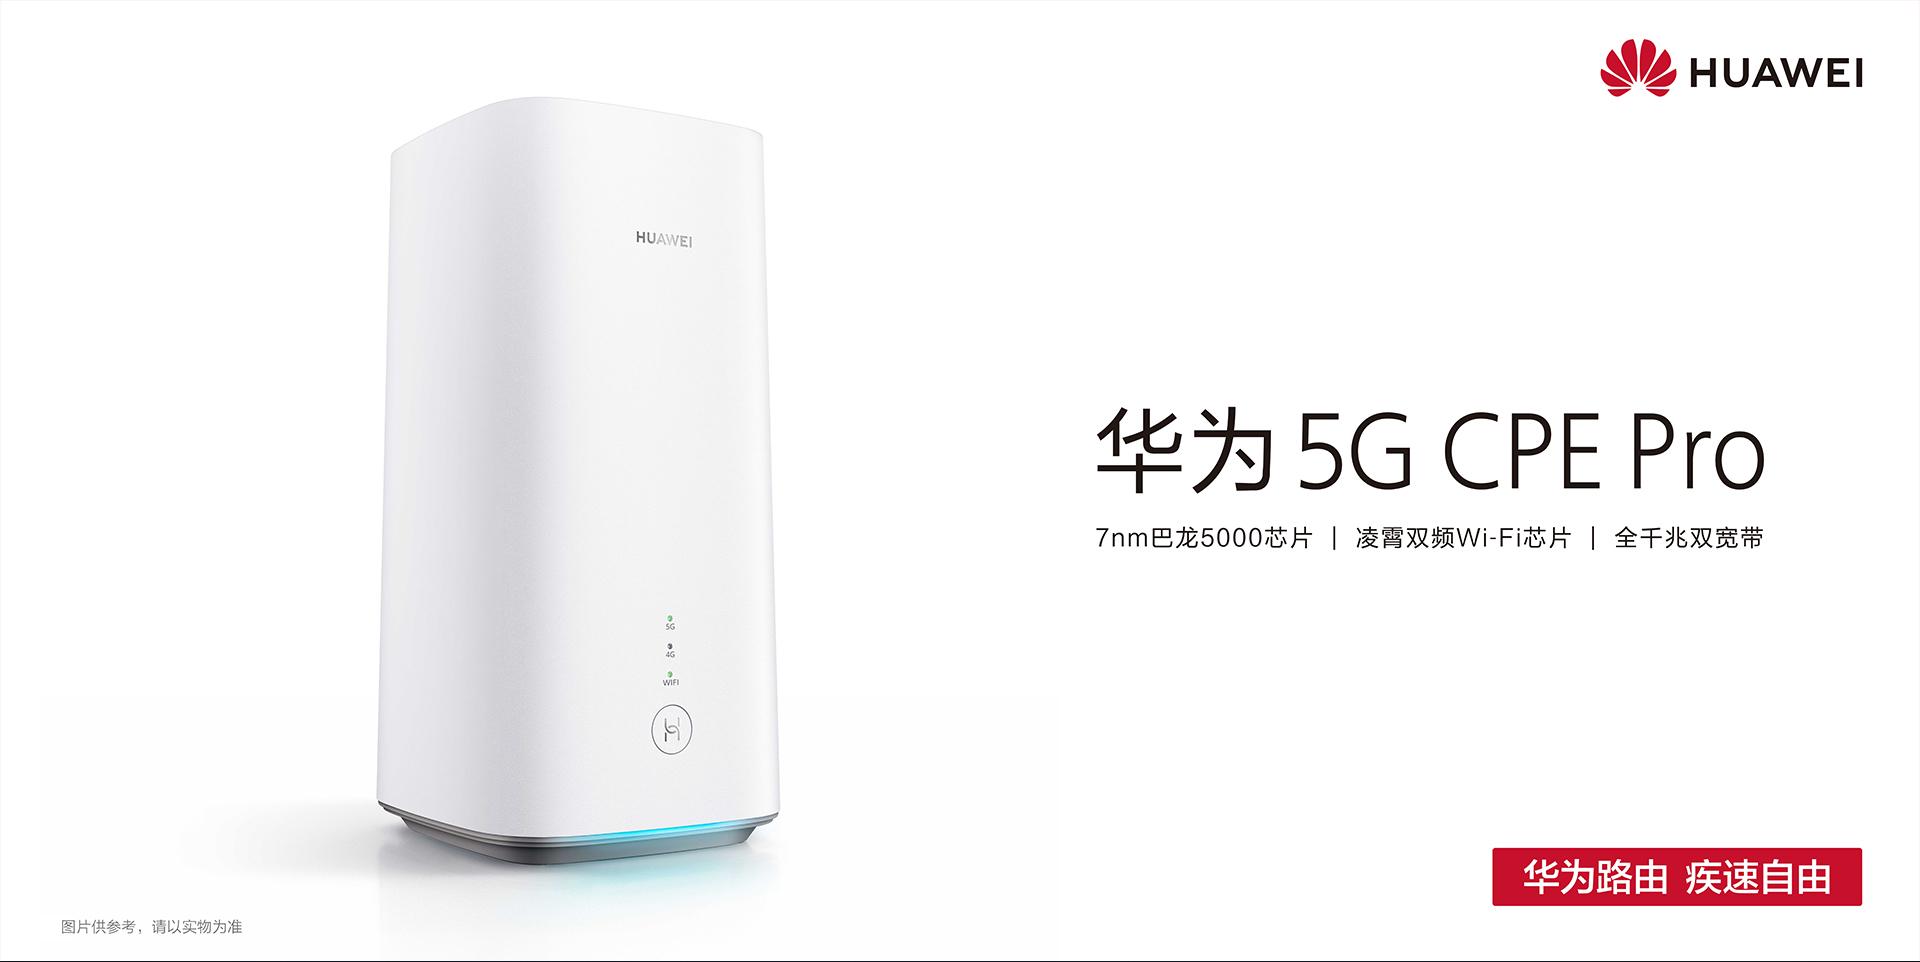 5G网络将淘汰家用宽带,这次提速降费靠的是技术